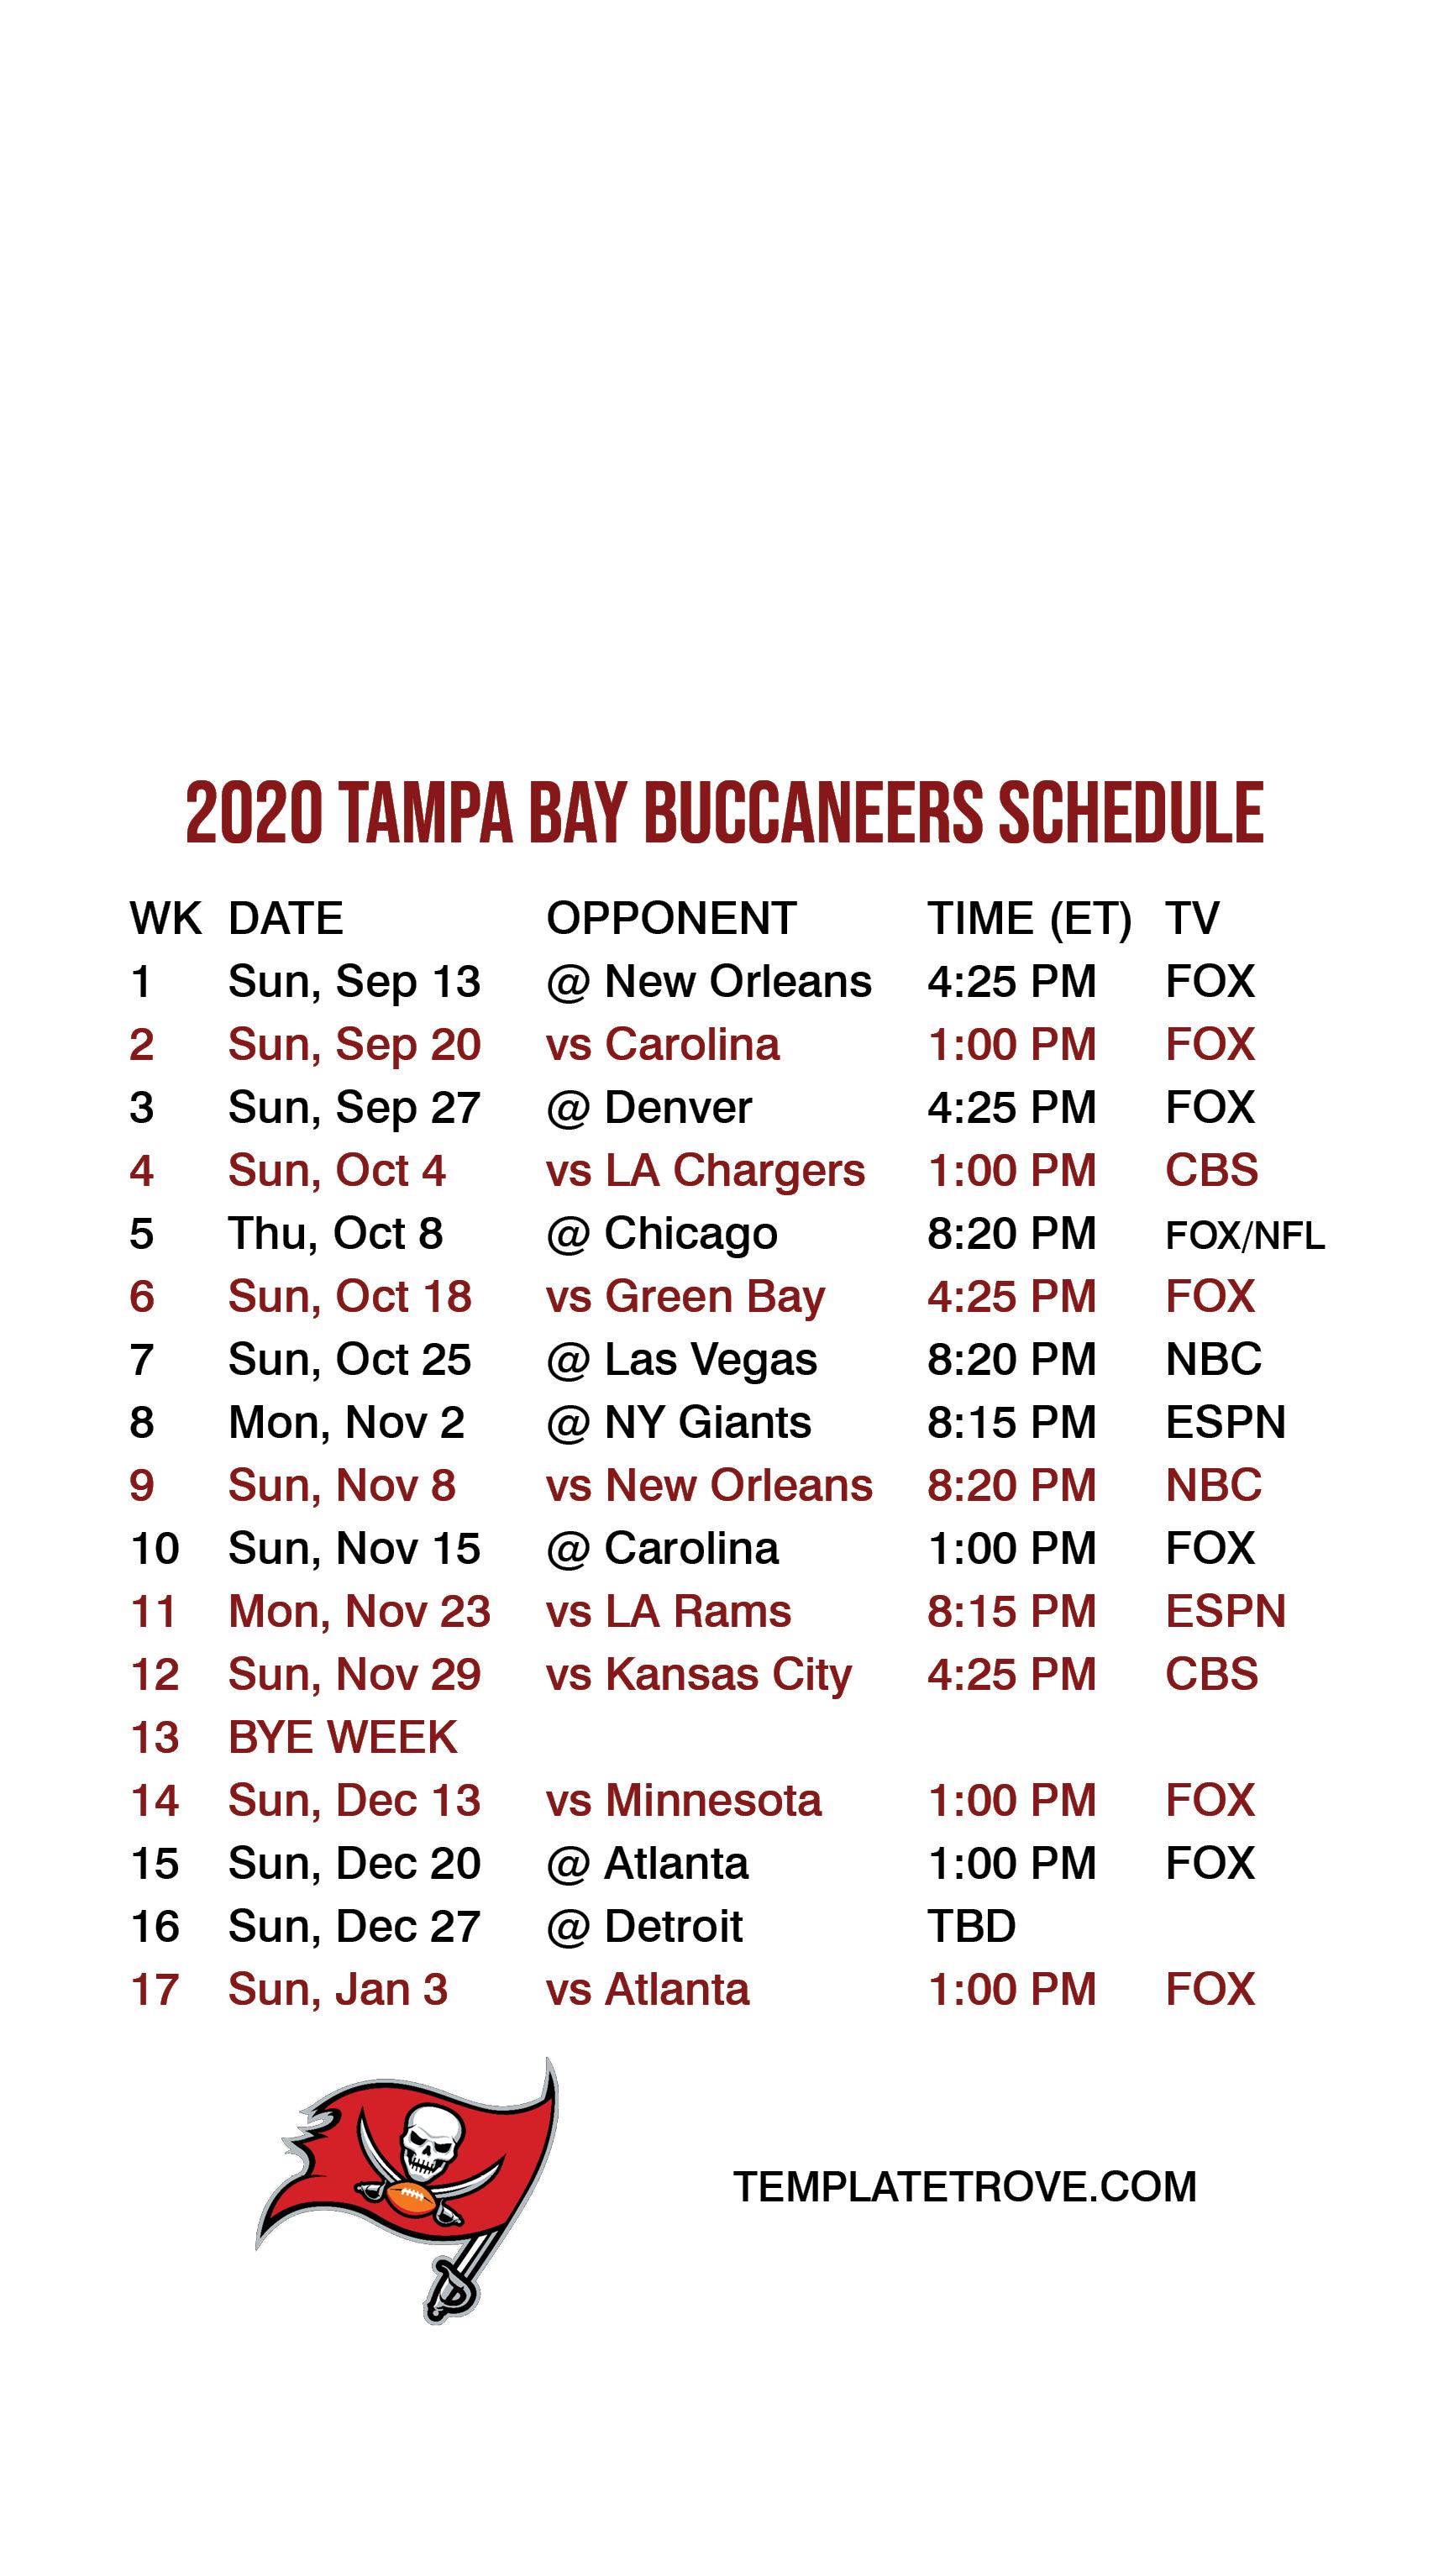 2020 2021 tampa bay buccaneers lock screen schedule for iphone 6 7 8 plus 2020 2021 tampa bay buccaneers lock